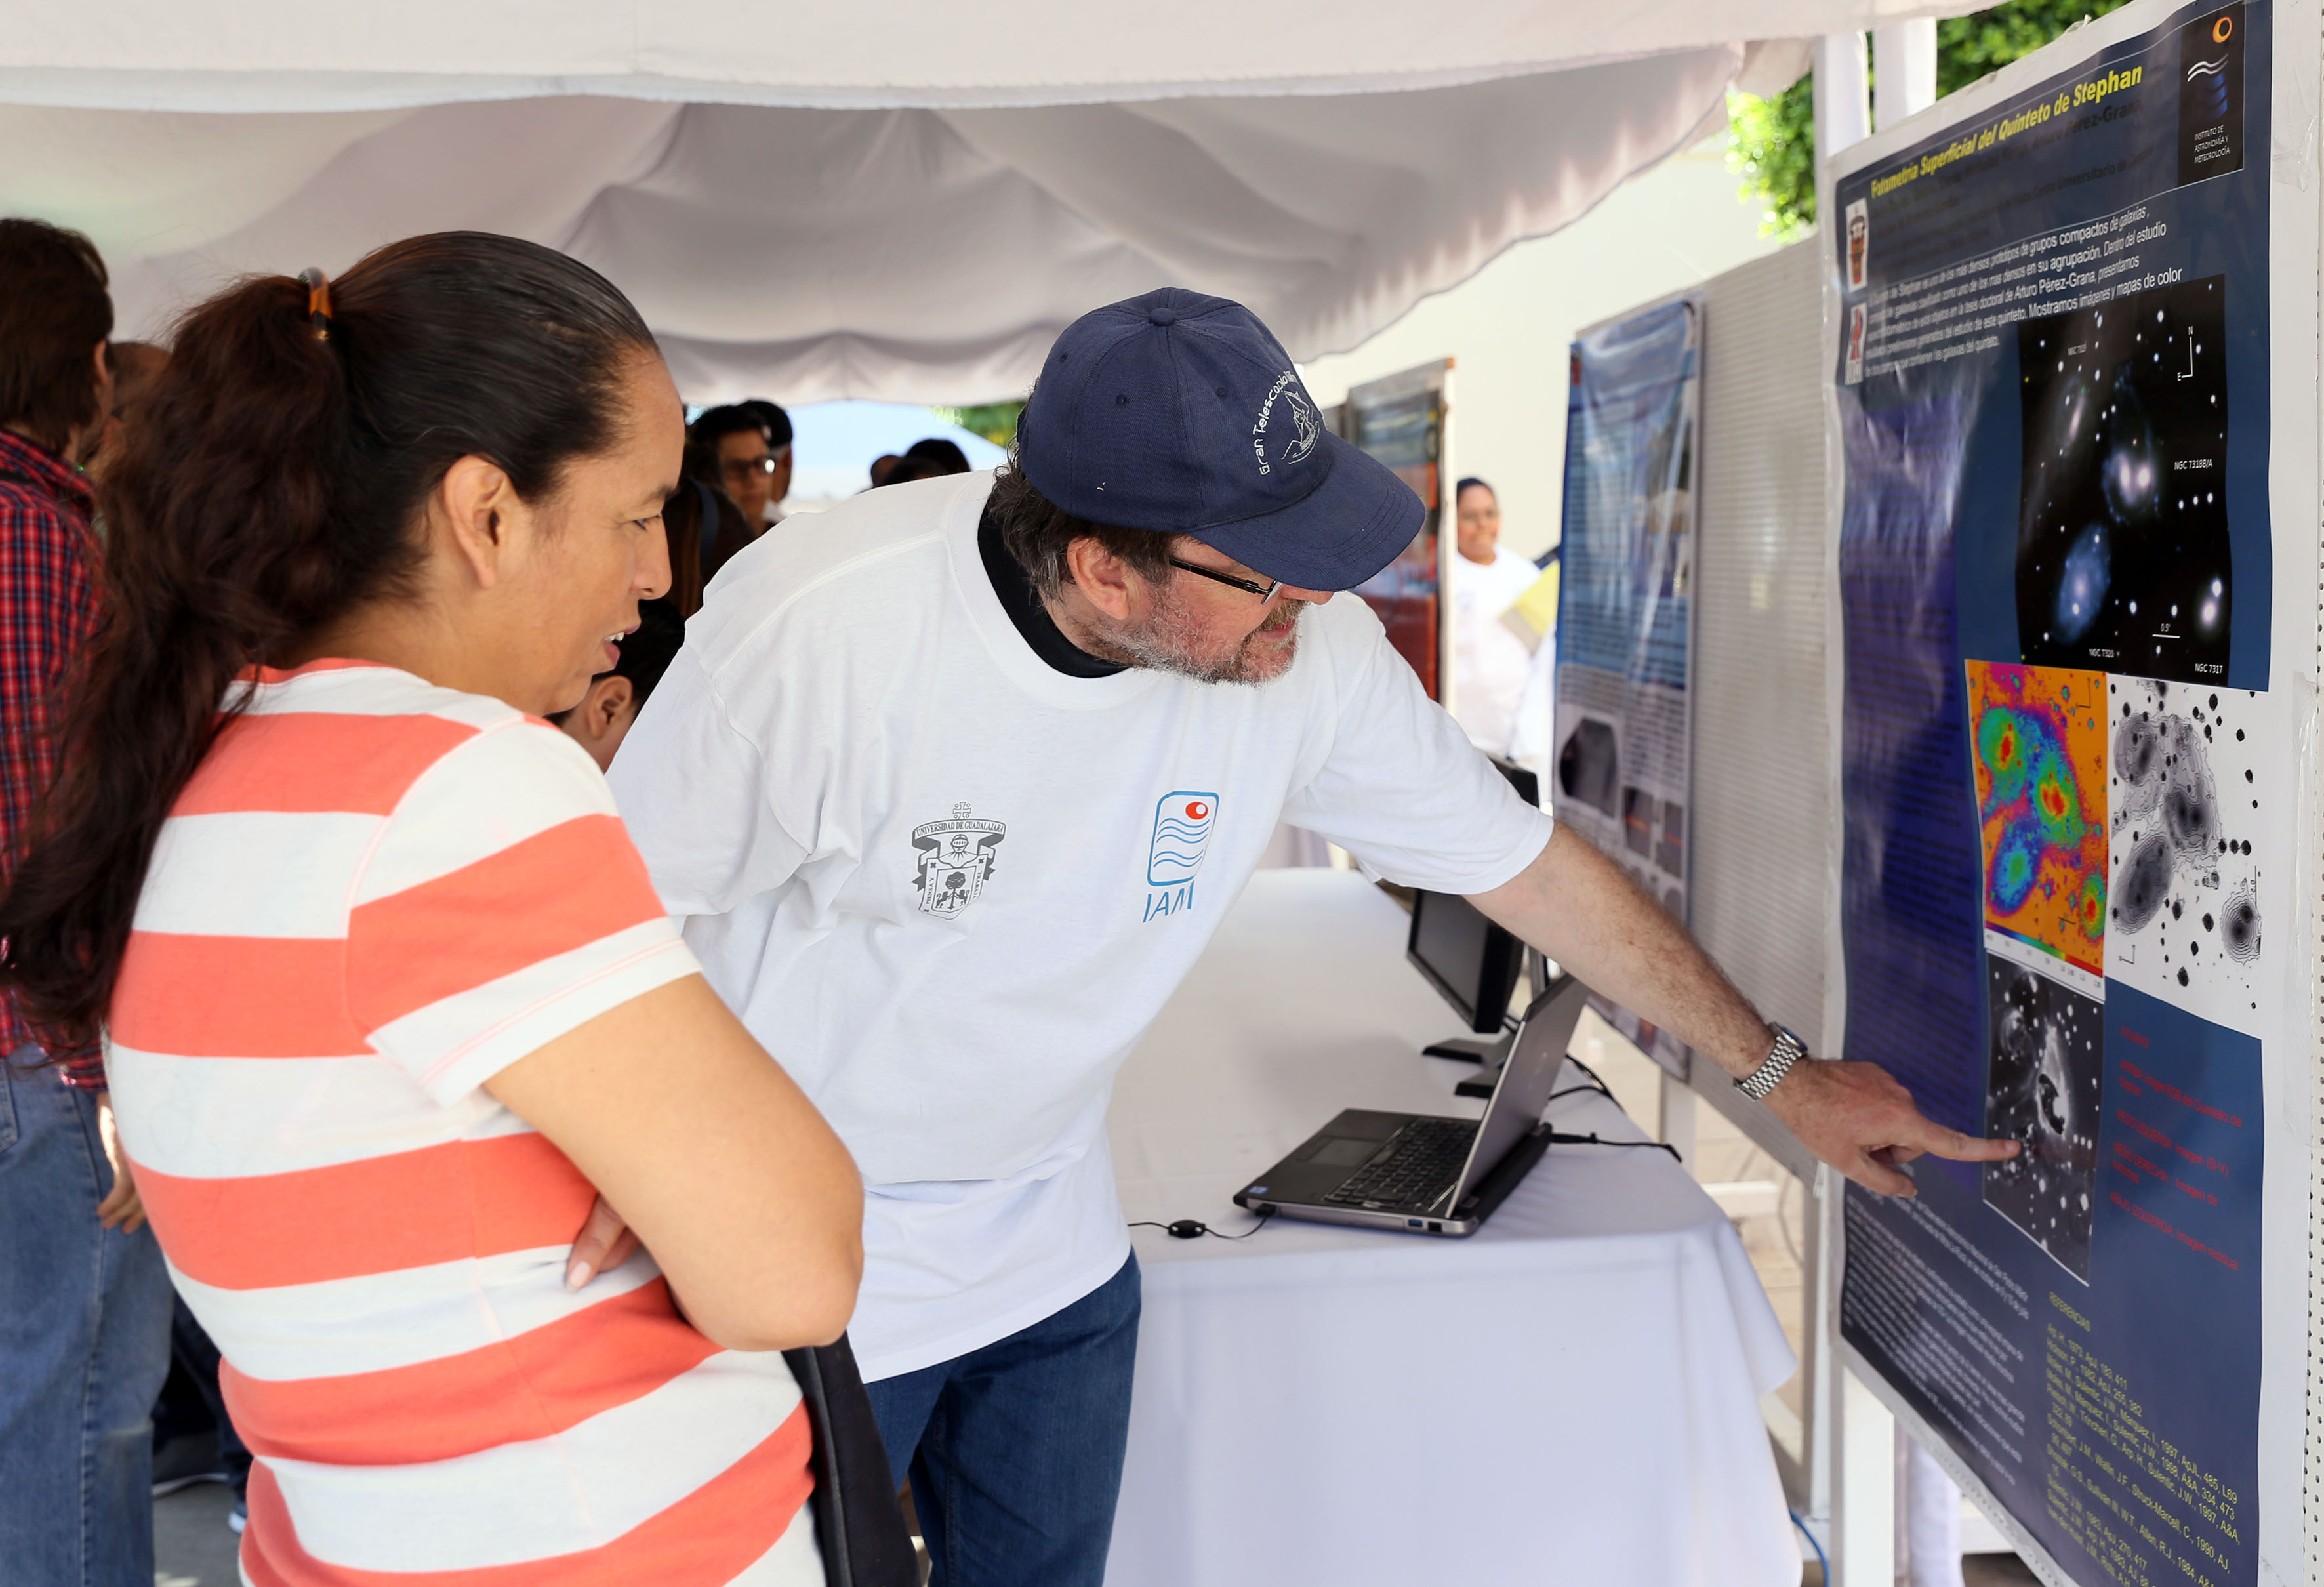 Participantes al evento Puertas Abiertas 2016 en el Instituto de Astronomía y Meteorología (IAM) de la Universidad de Guadalajara,